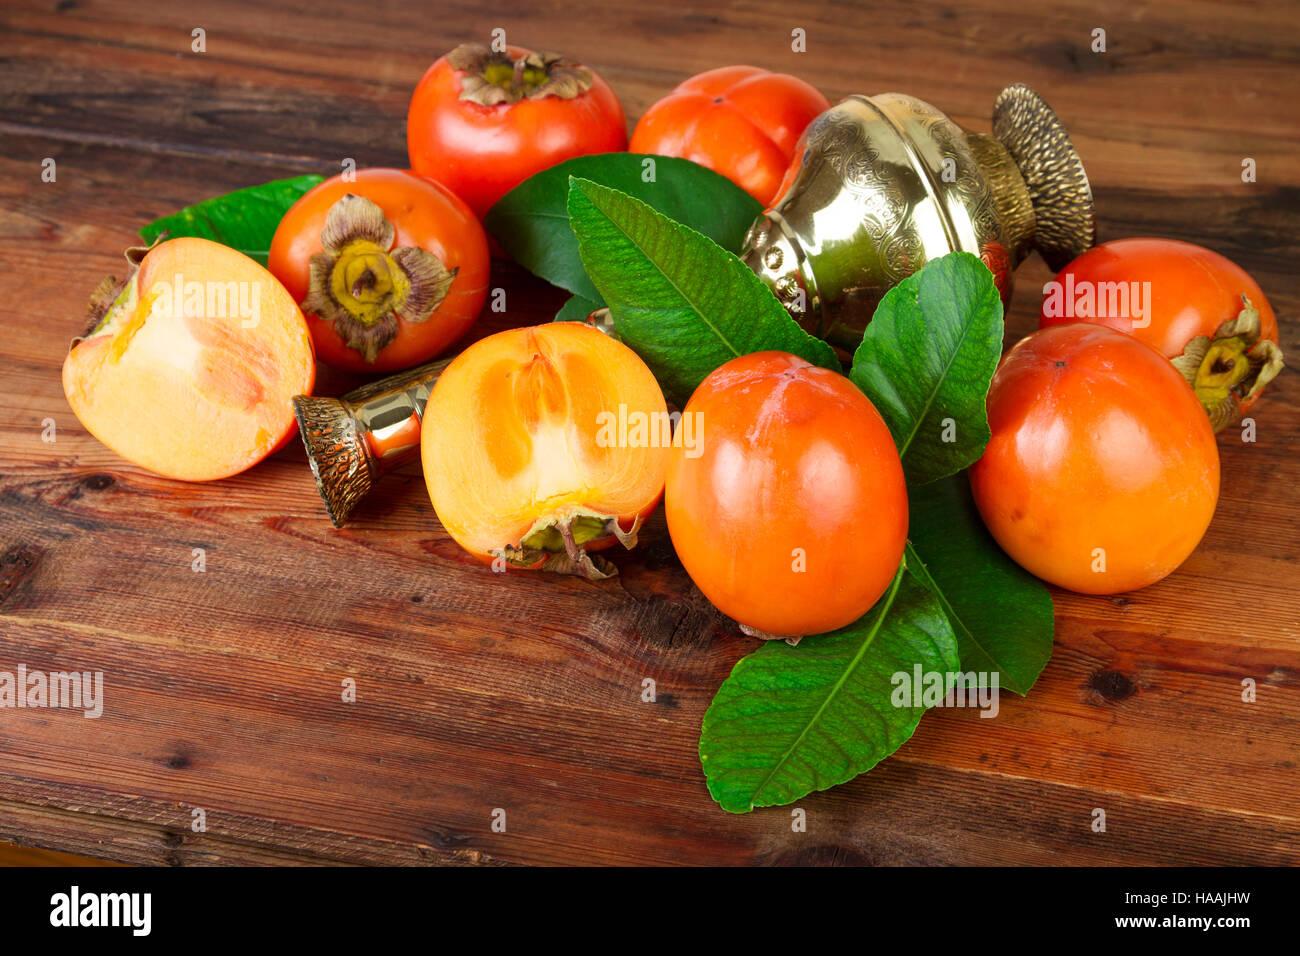 Caqui kaki frutos con jarrón de bronce antiguos. Persa Oriental todavía la vida. Imagen De Stock